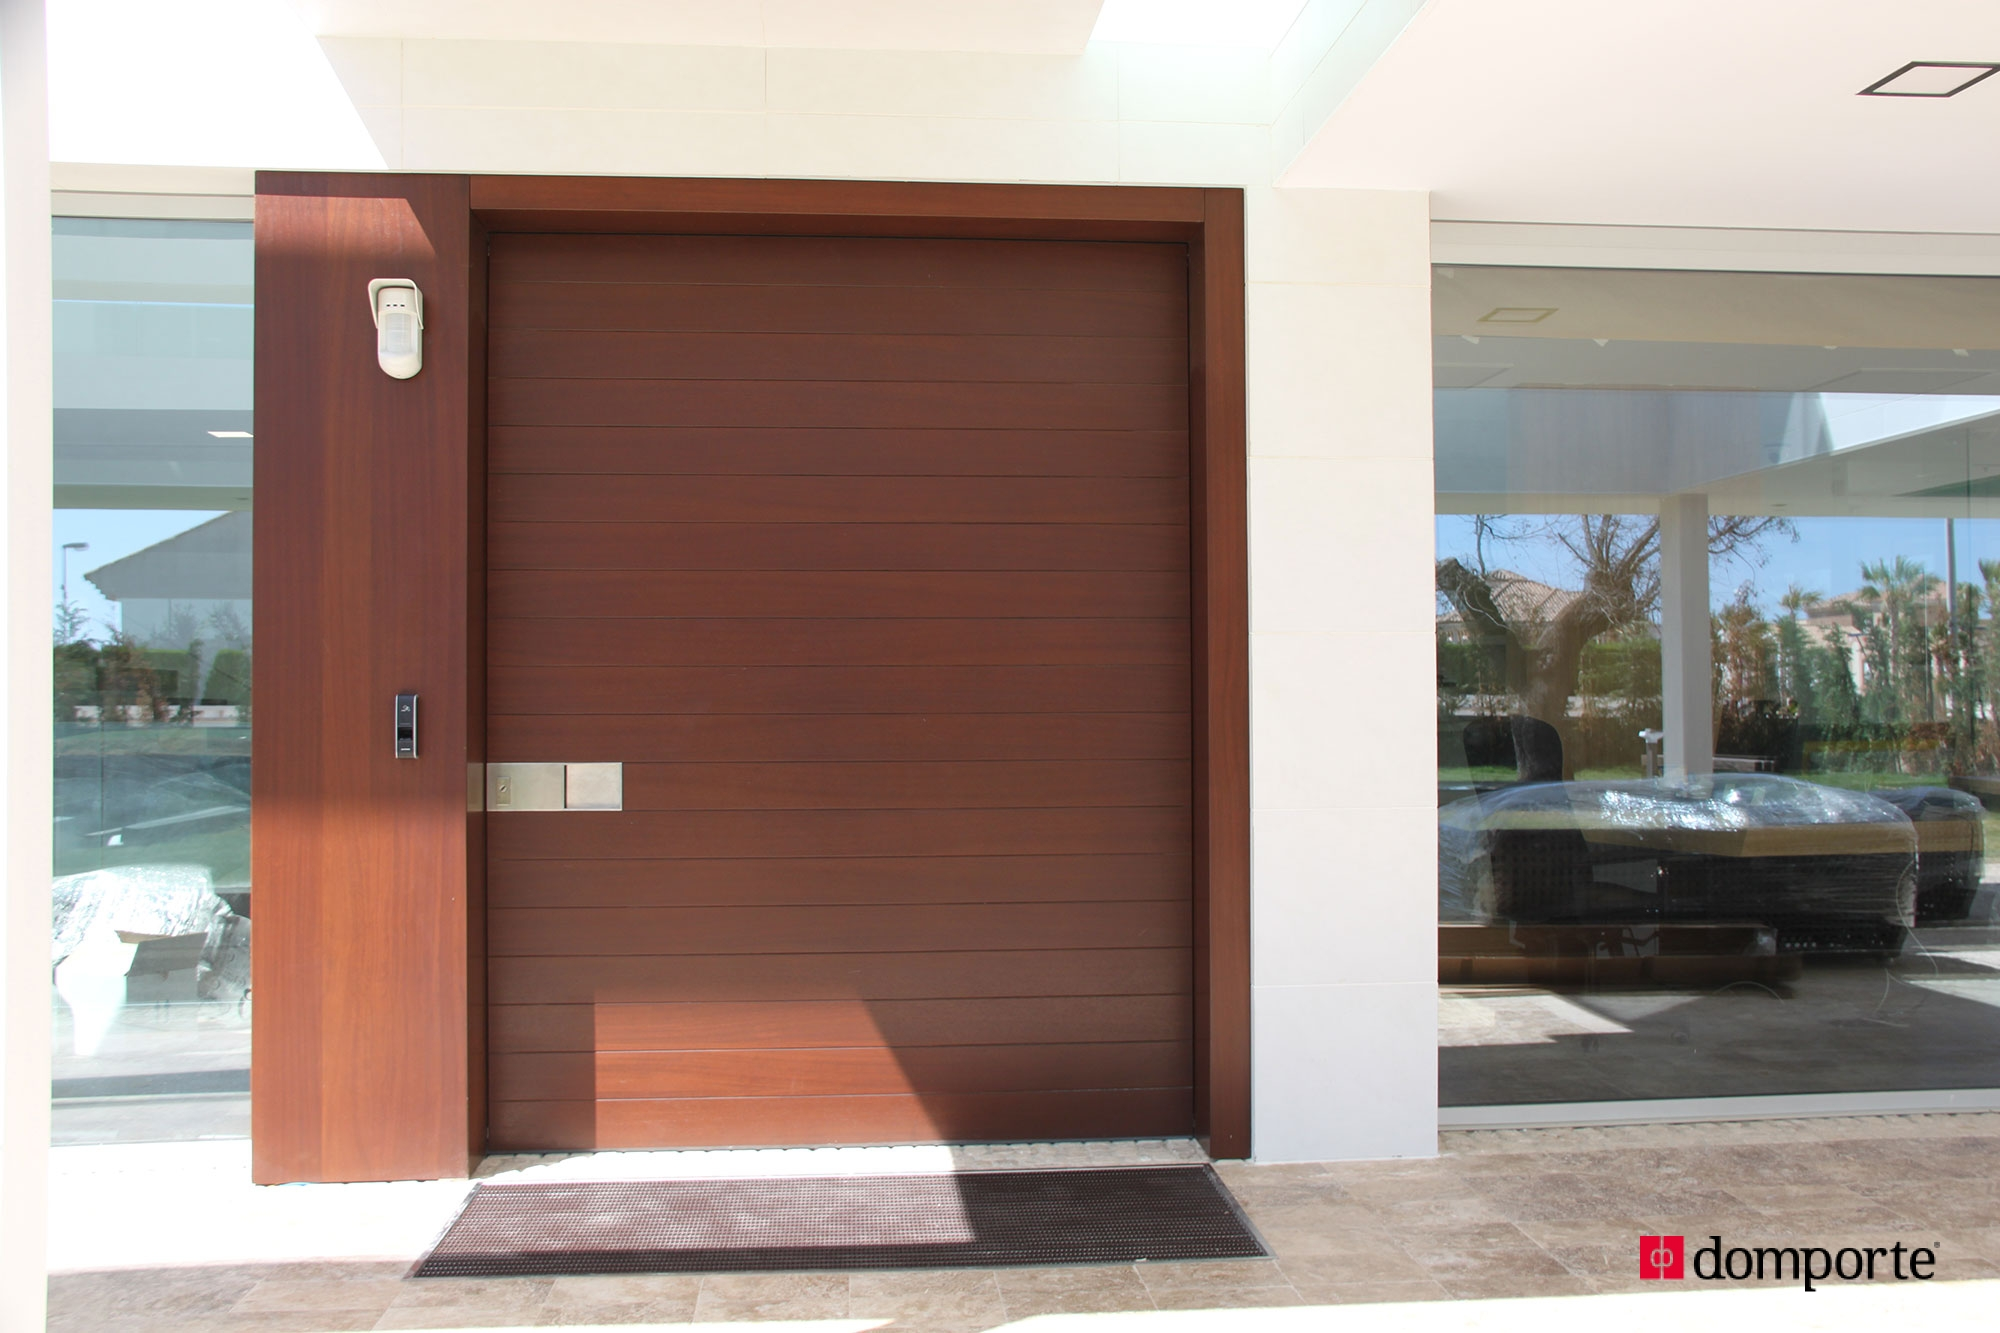 Puertas de madera de hoja pivotante for Precios de puertas de madera entrada principal